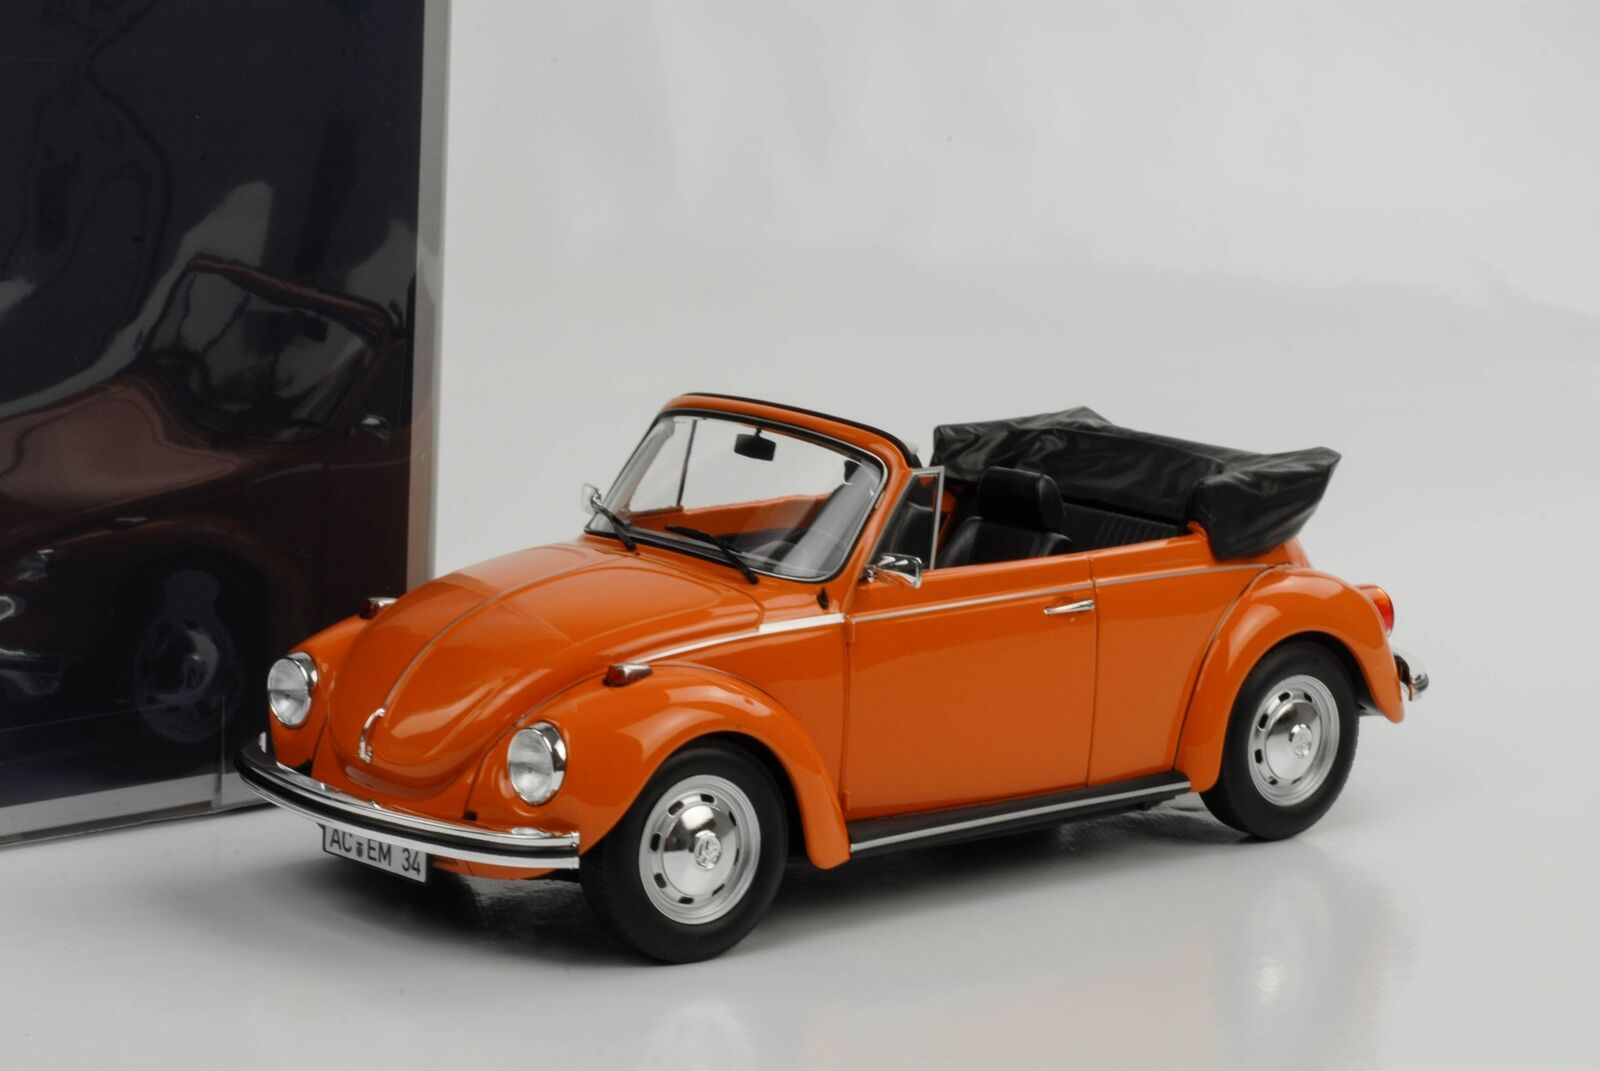 VW Käfer Beetle 1303 Volkswagen Cabriolet Cabrio orange 1 18 Norev Neu 188521